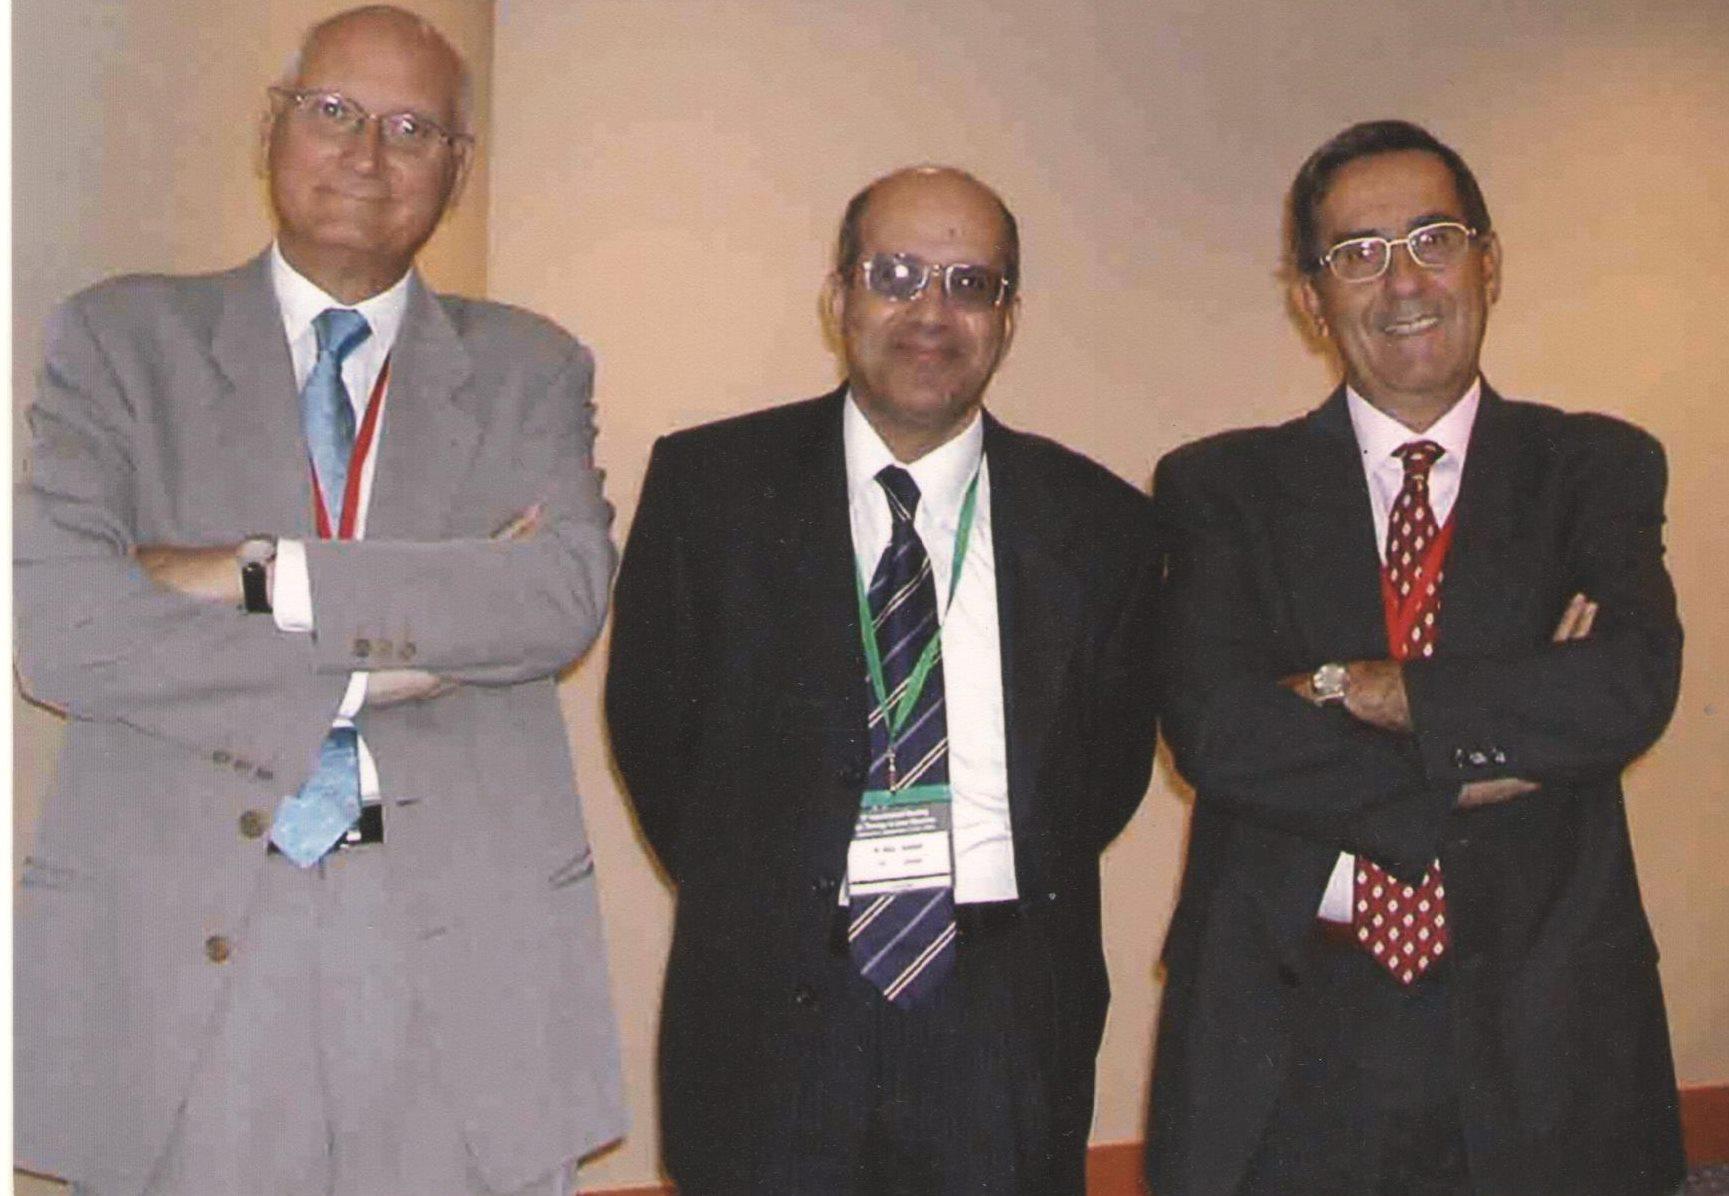 صوره من الذاكره  مع أساتذتي في برشلونه — اسبانياخلال احدى المؤتمرات الدوليه والتي اقيمت في برشلونه اسبانيا